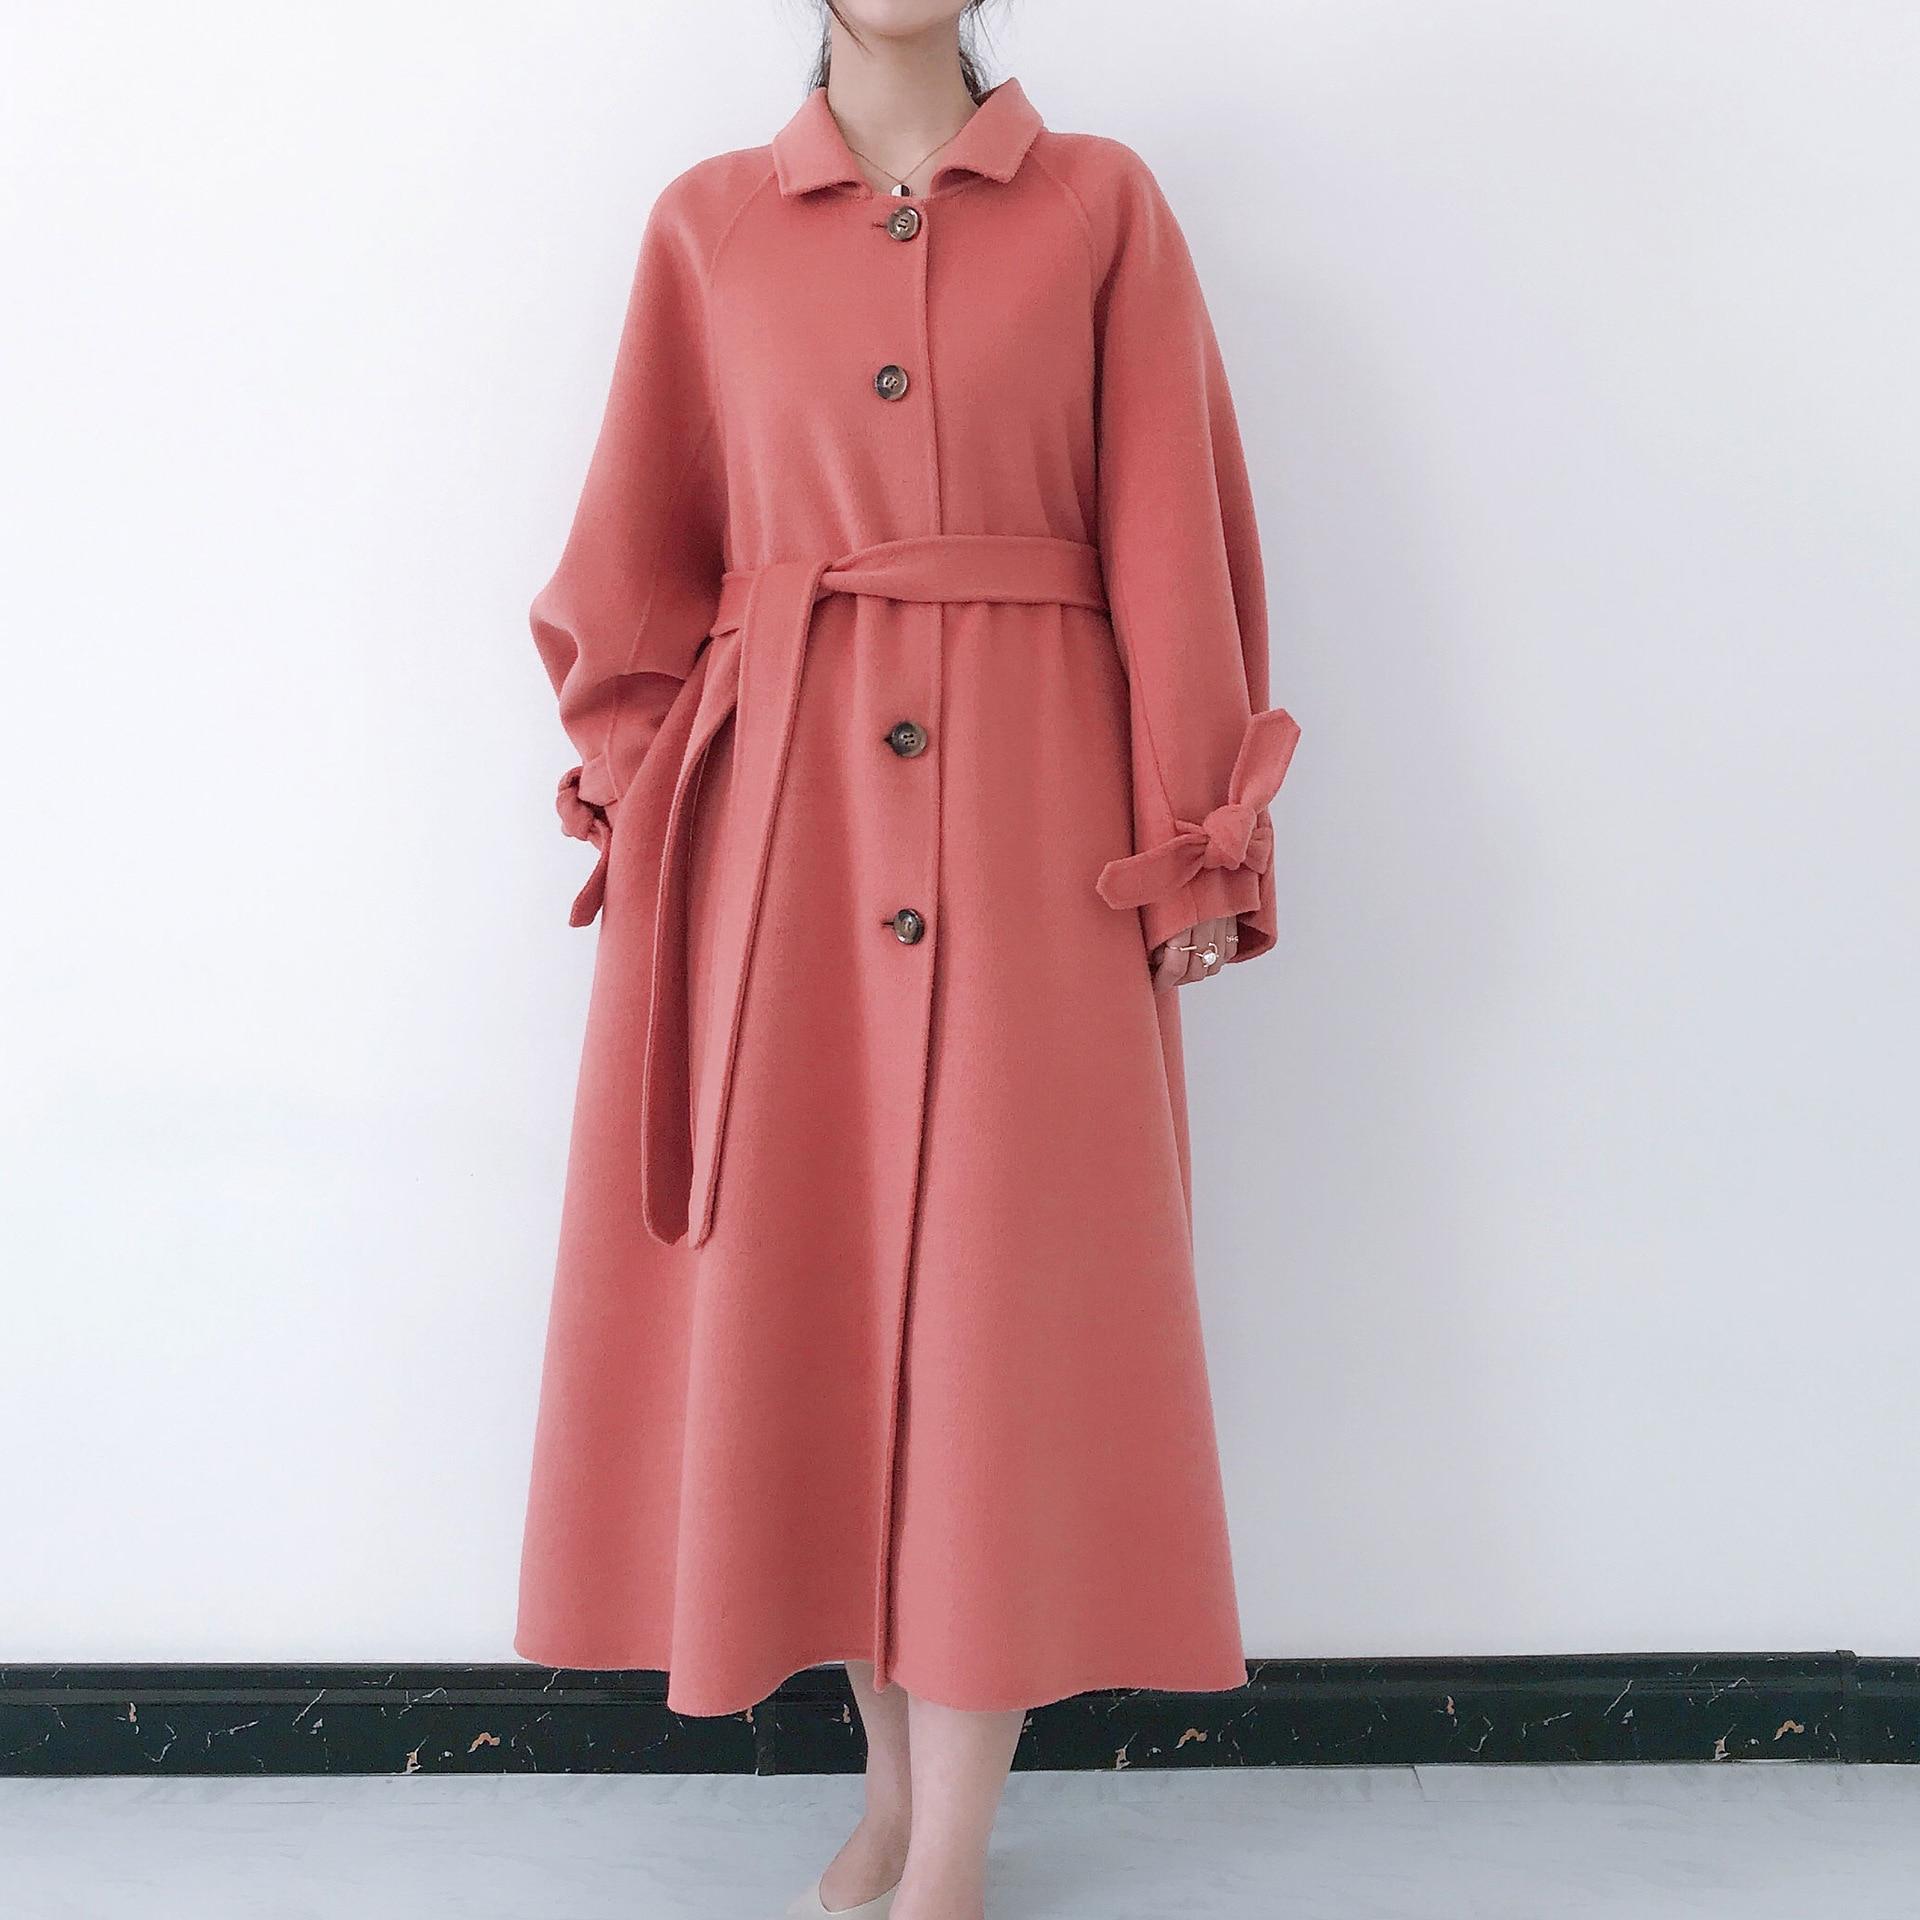 Red blue Supérieure 2019 Unique Tan Bleu Bouton Une Laine Coréenne Outwear pink De Pour Qualité light coat Long brown Femmes Lx1955 Ayunsue Trench Manteau Ligne Ew1H0nwq